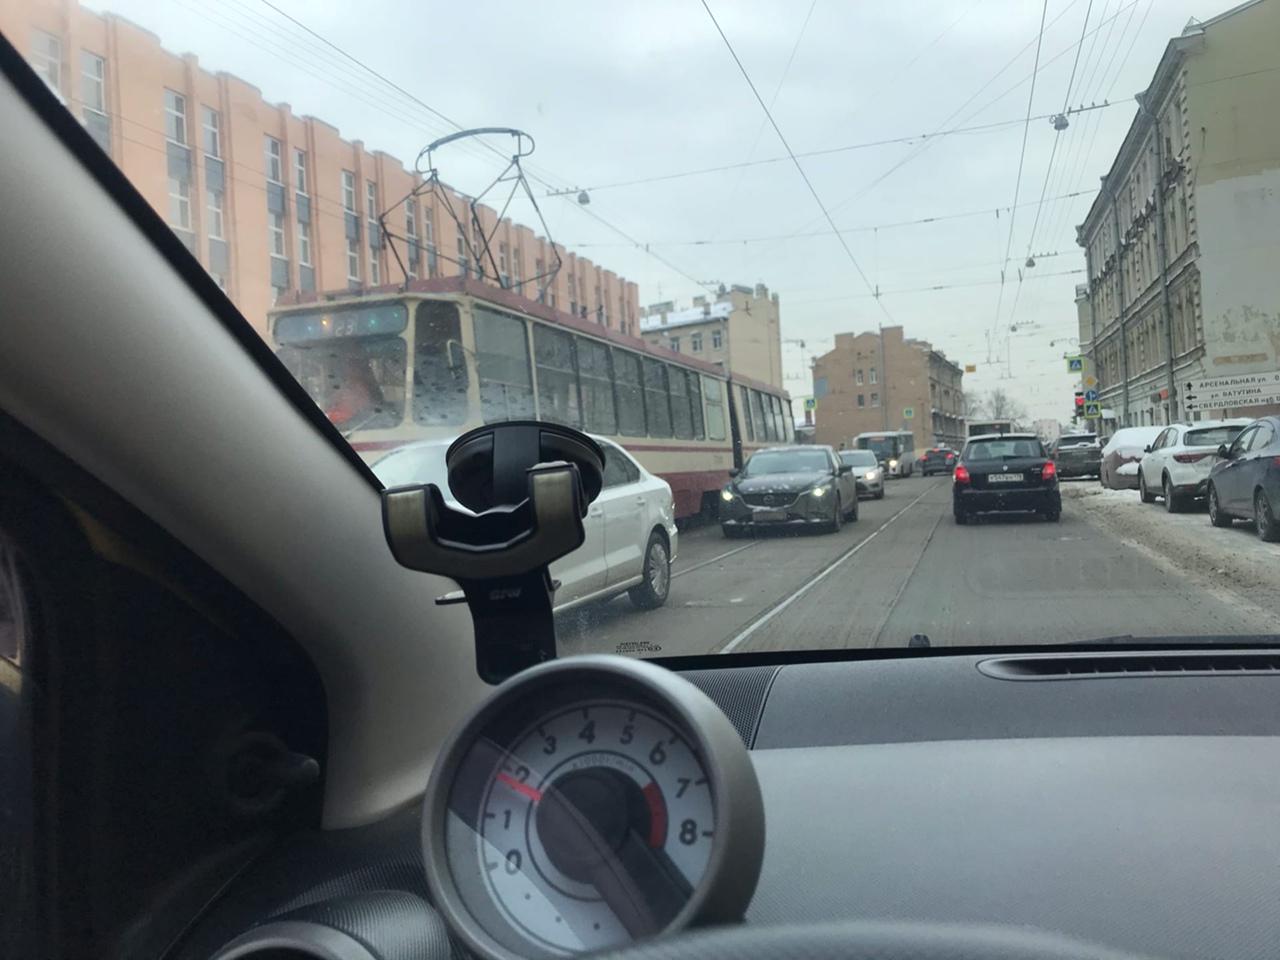 На Кондратьевском у дома 5, двое не смогли развернуться. Объезд по встречке. Проклятье трамвайных ...